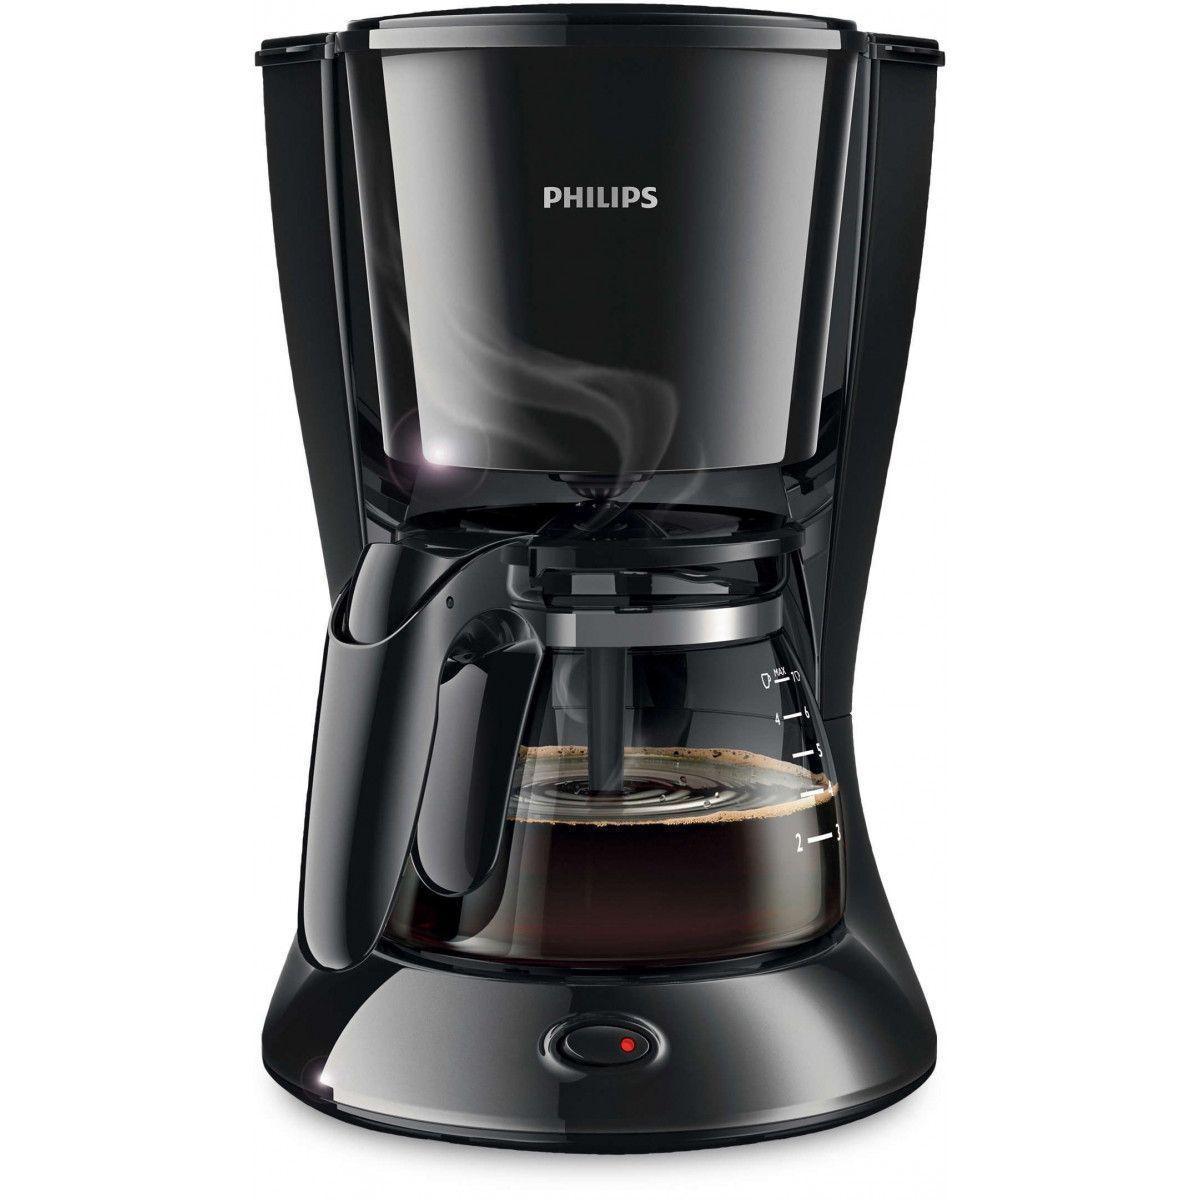 Philips philips - hd7432/20